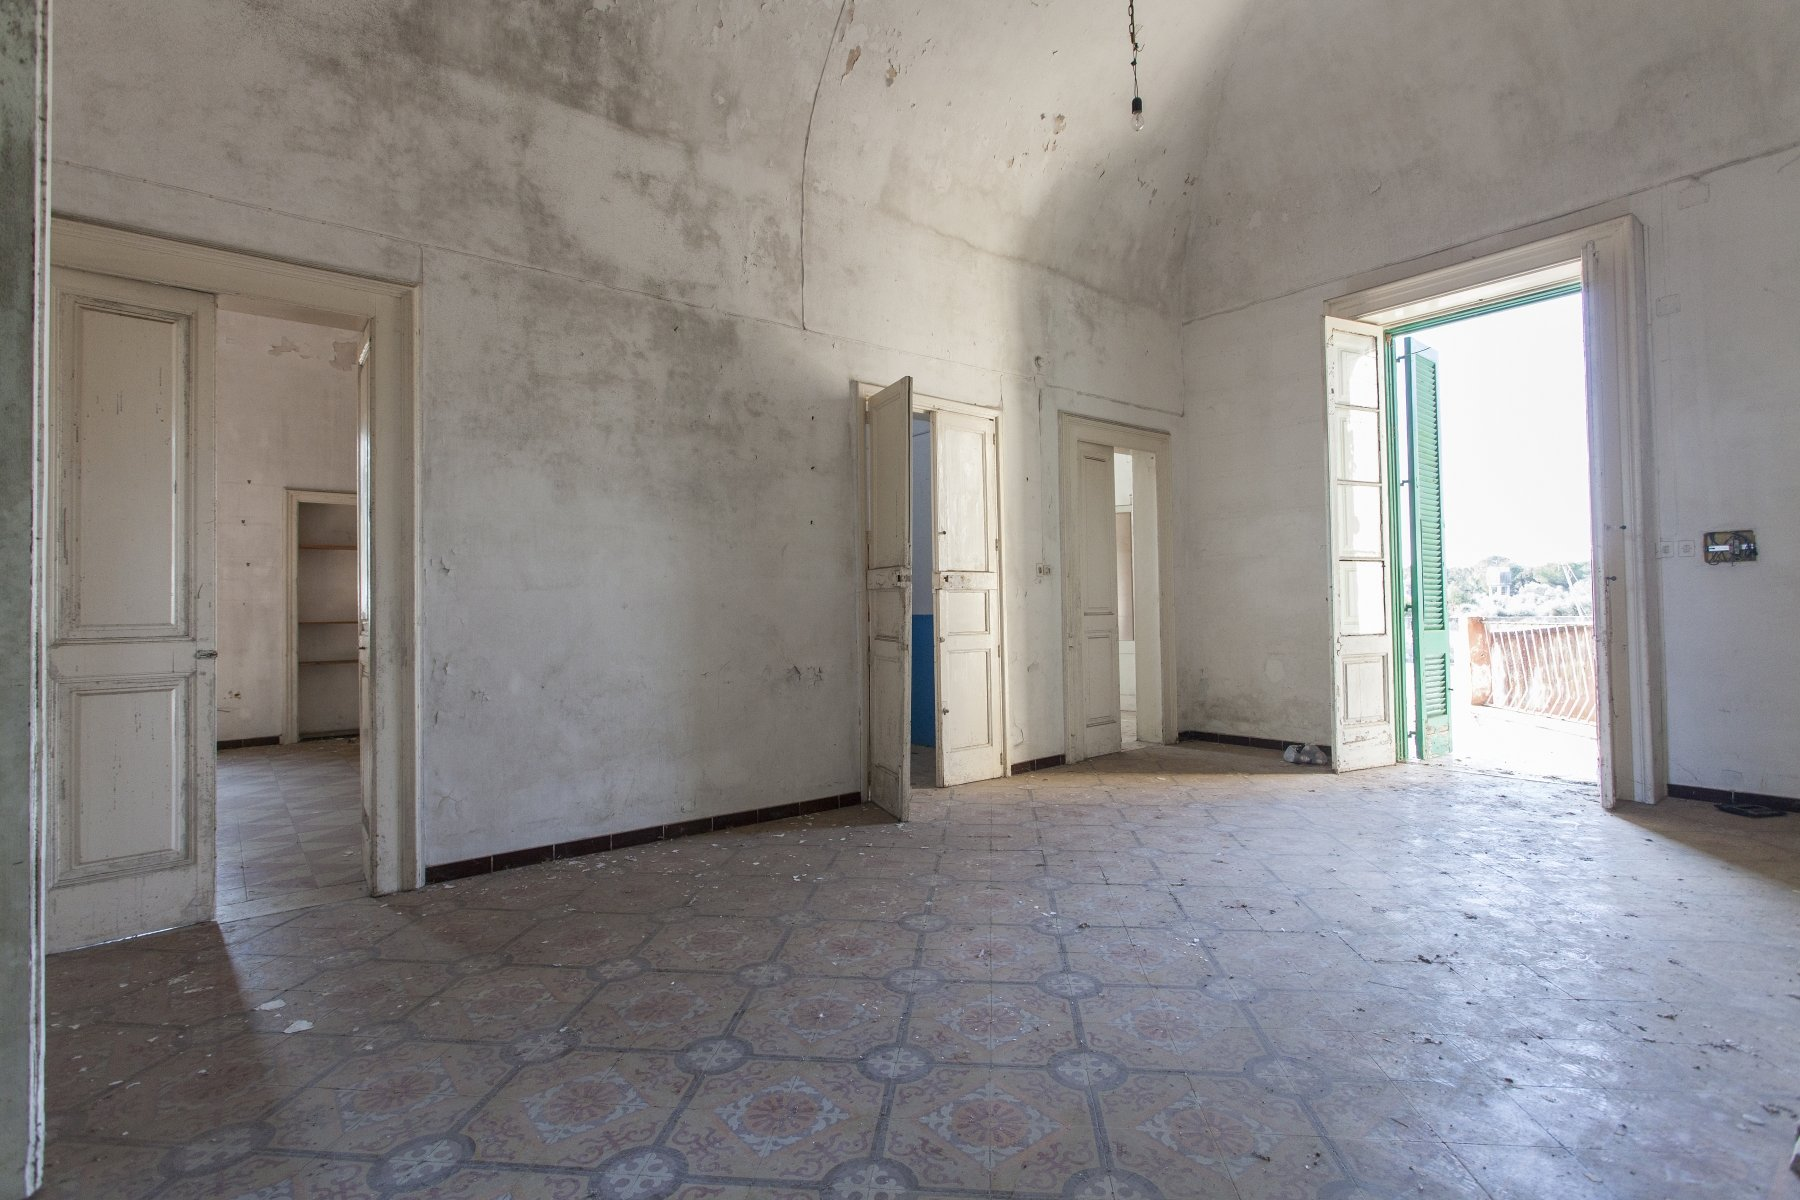 Historic villa for sale, 2 floors, spacious garden